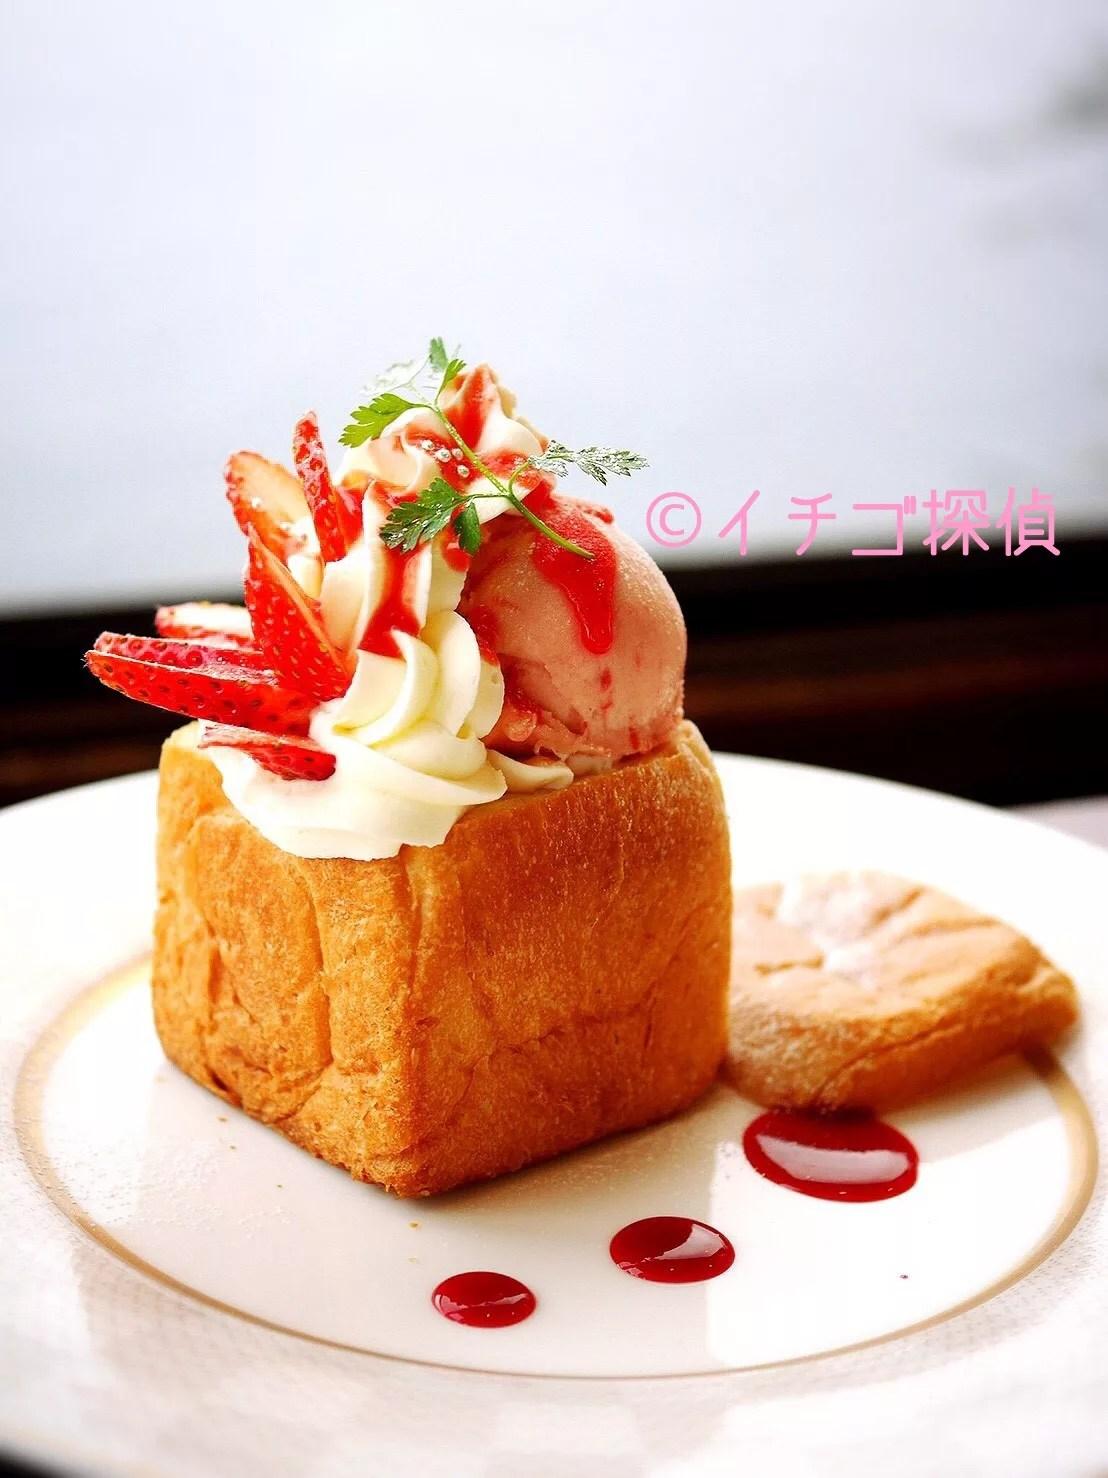 イチゴ探偵|伊豆一の絶景カフェ「花の妖精」でイチゴの小箱パフェ!海を眺めながらの苺スイーツフェア!